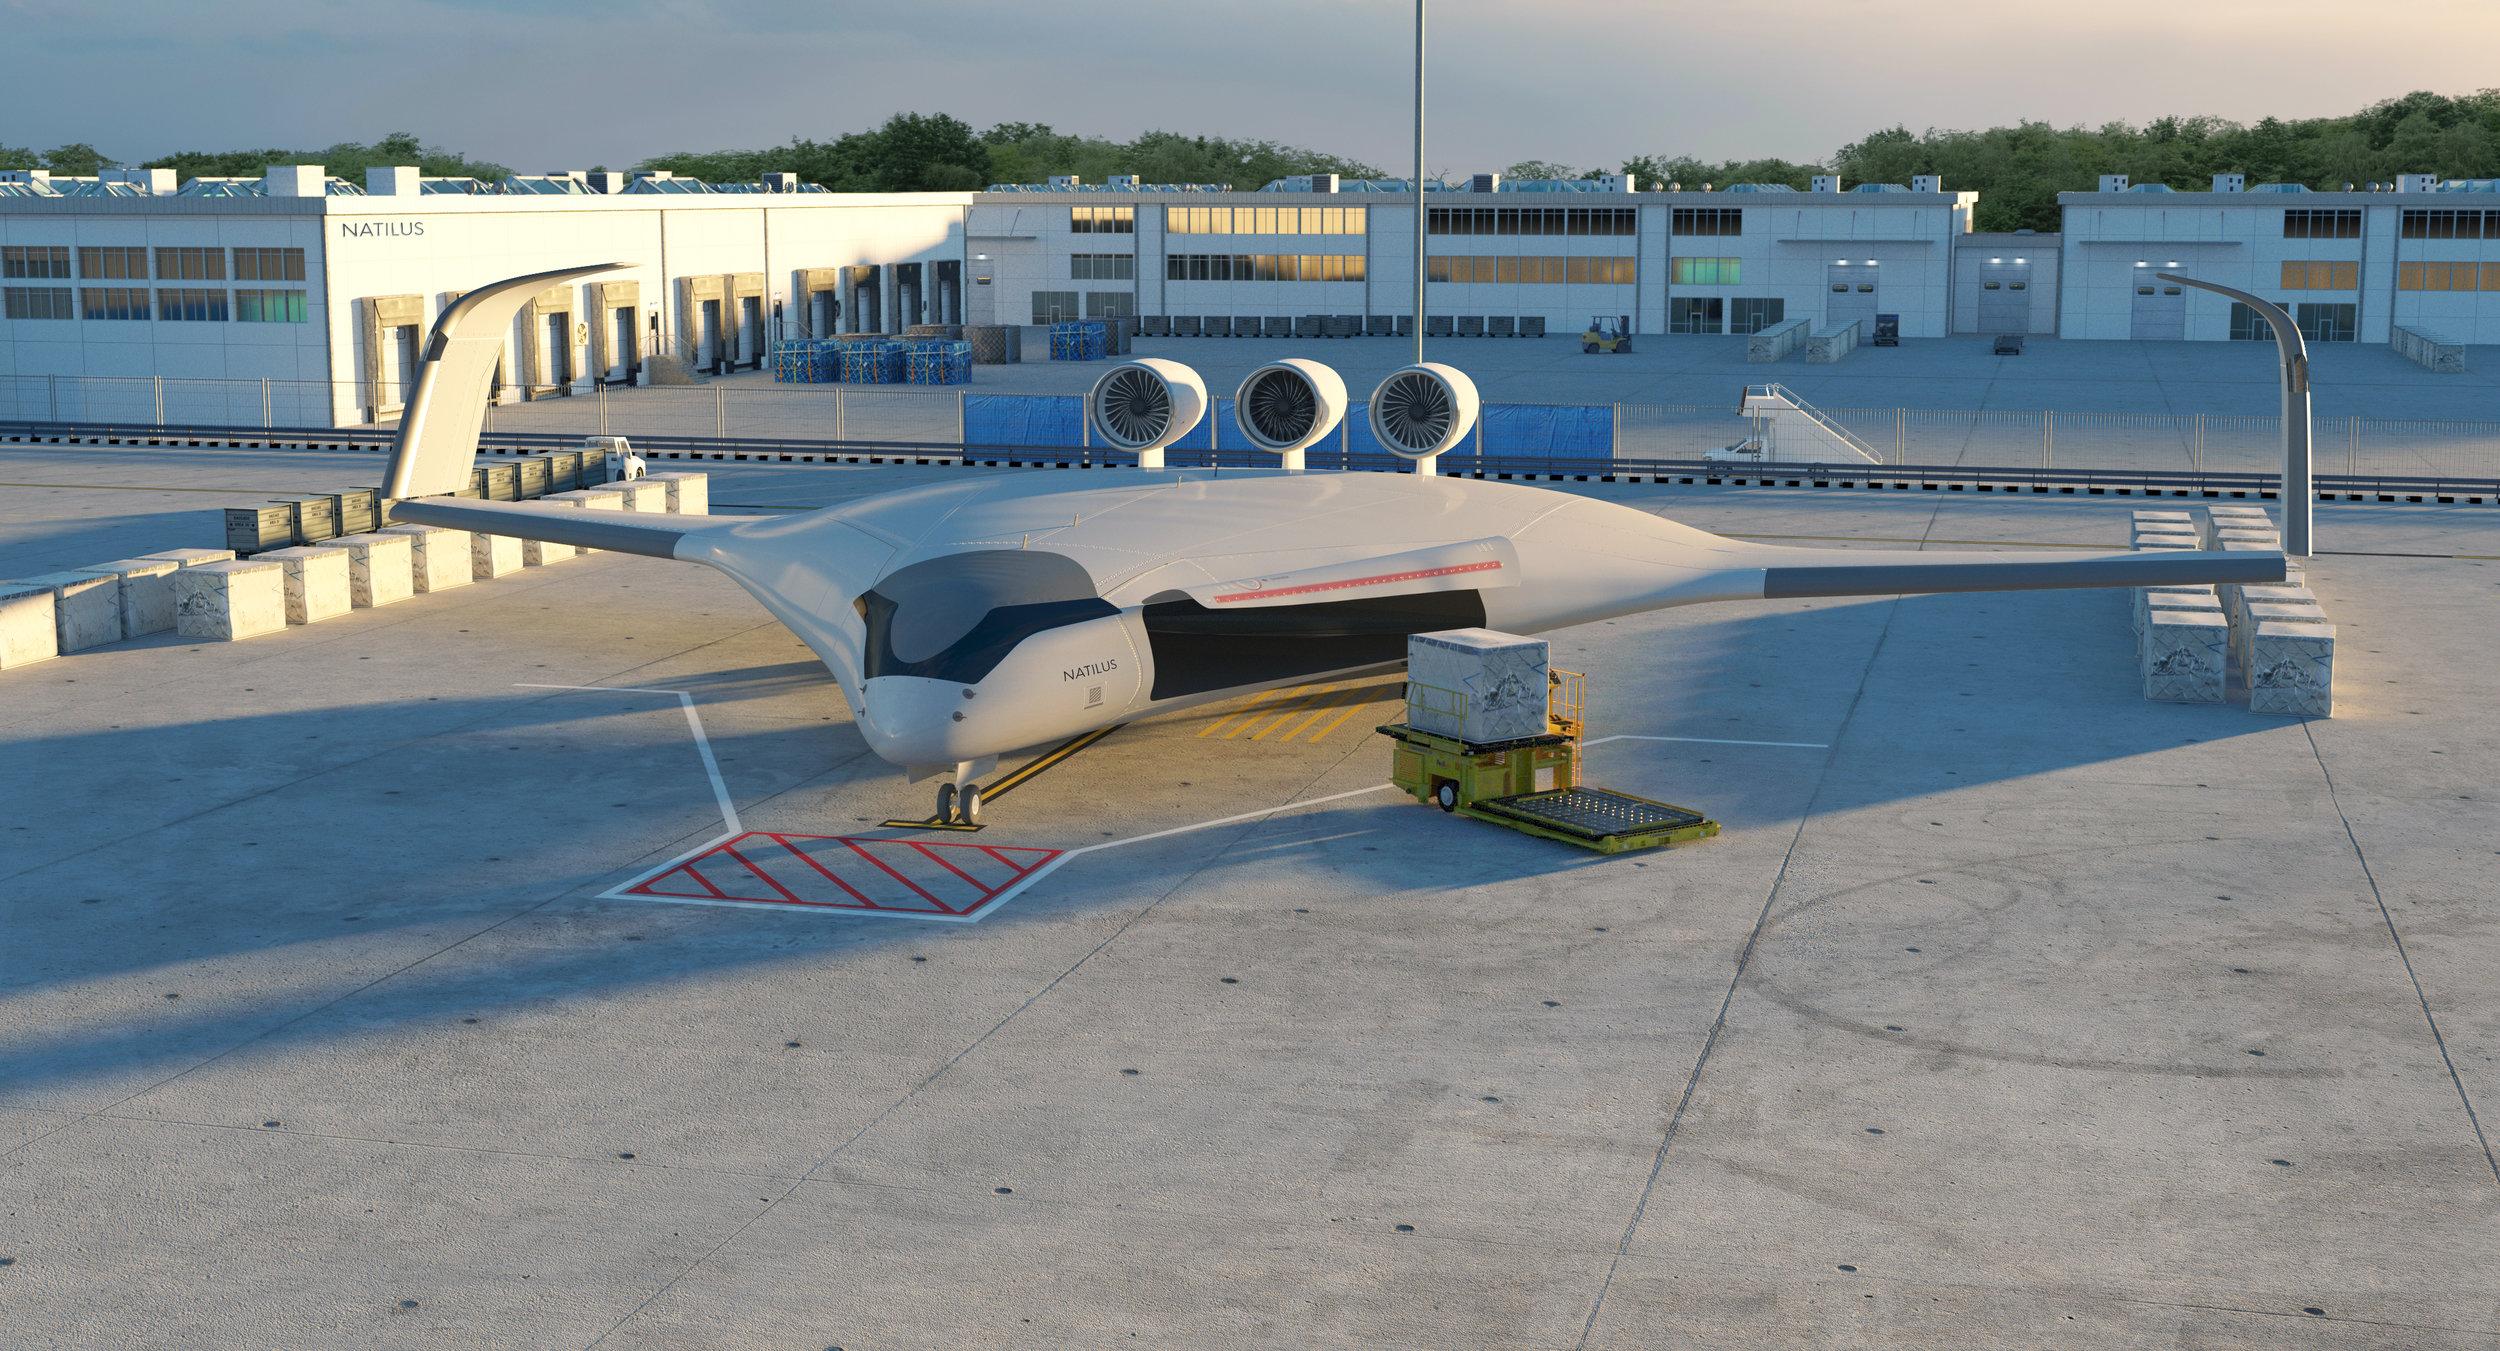 How Natilus is Building Large Autonomous Cargo Drones